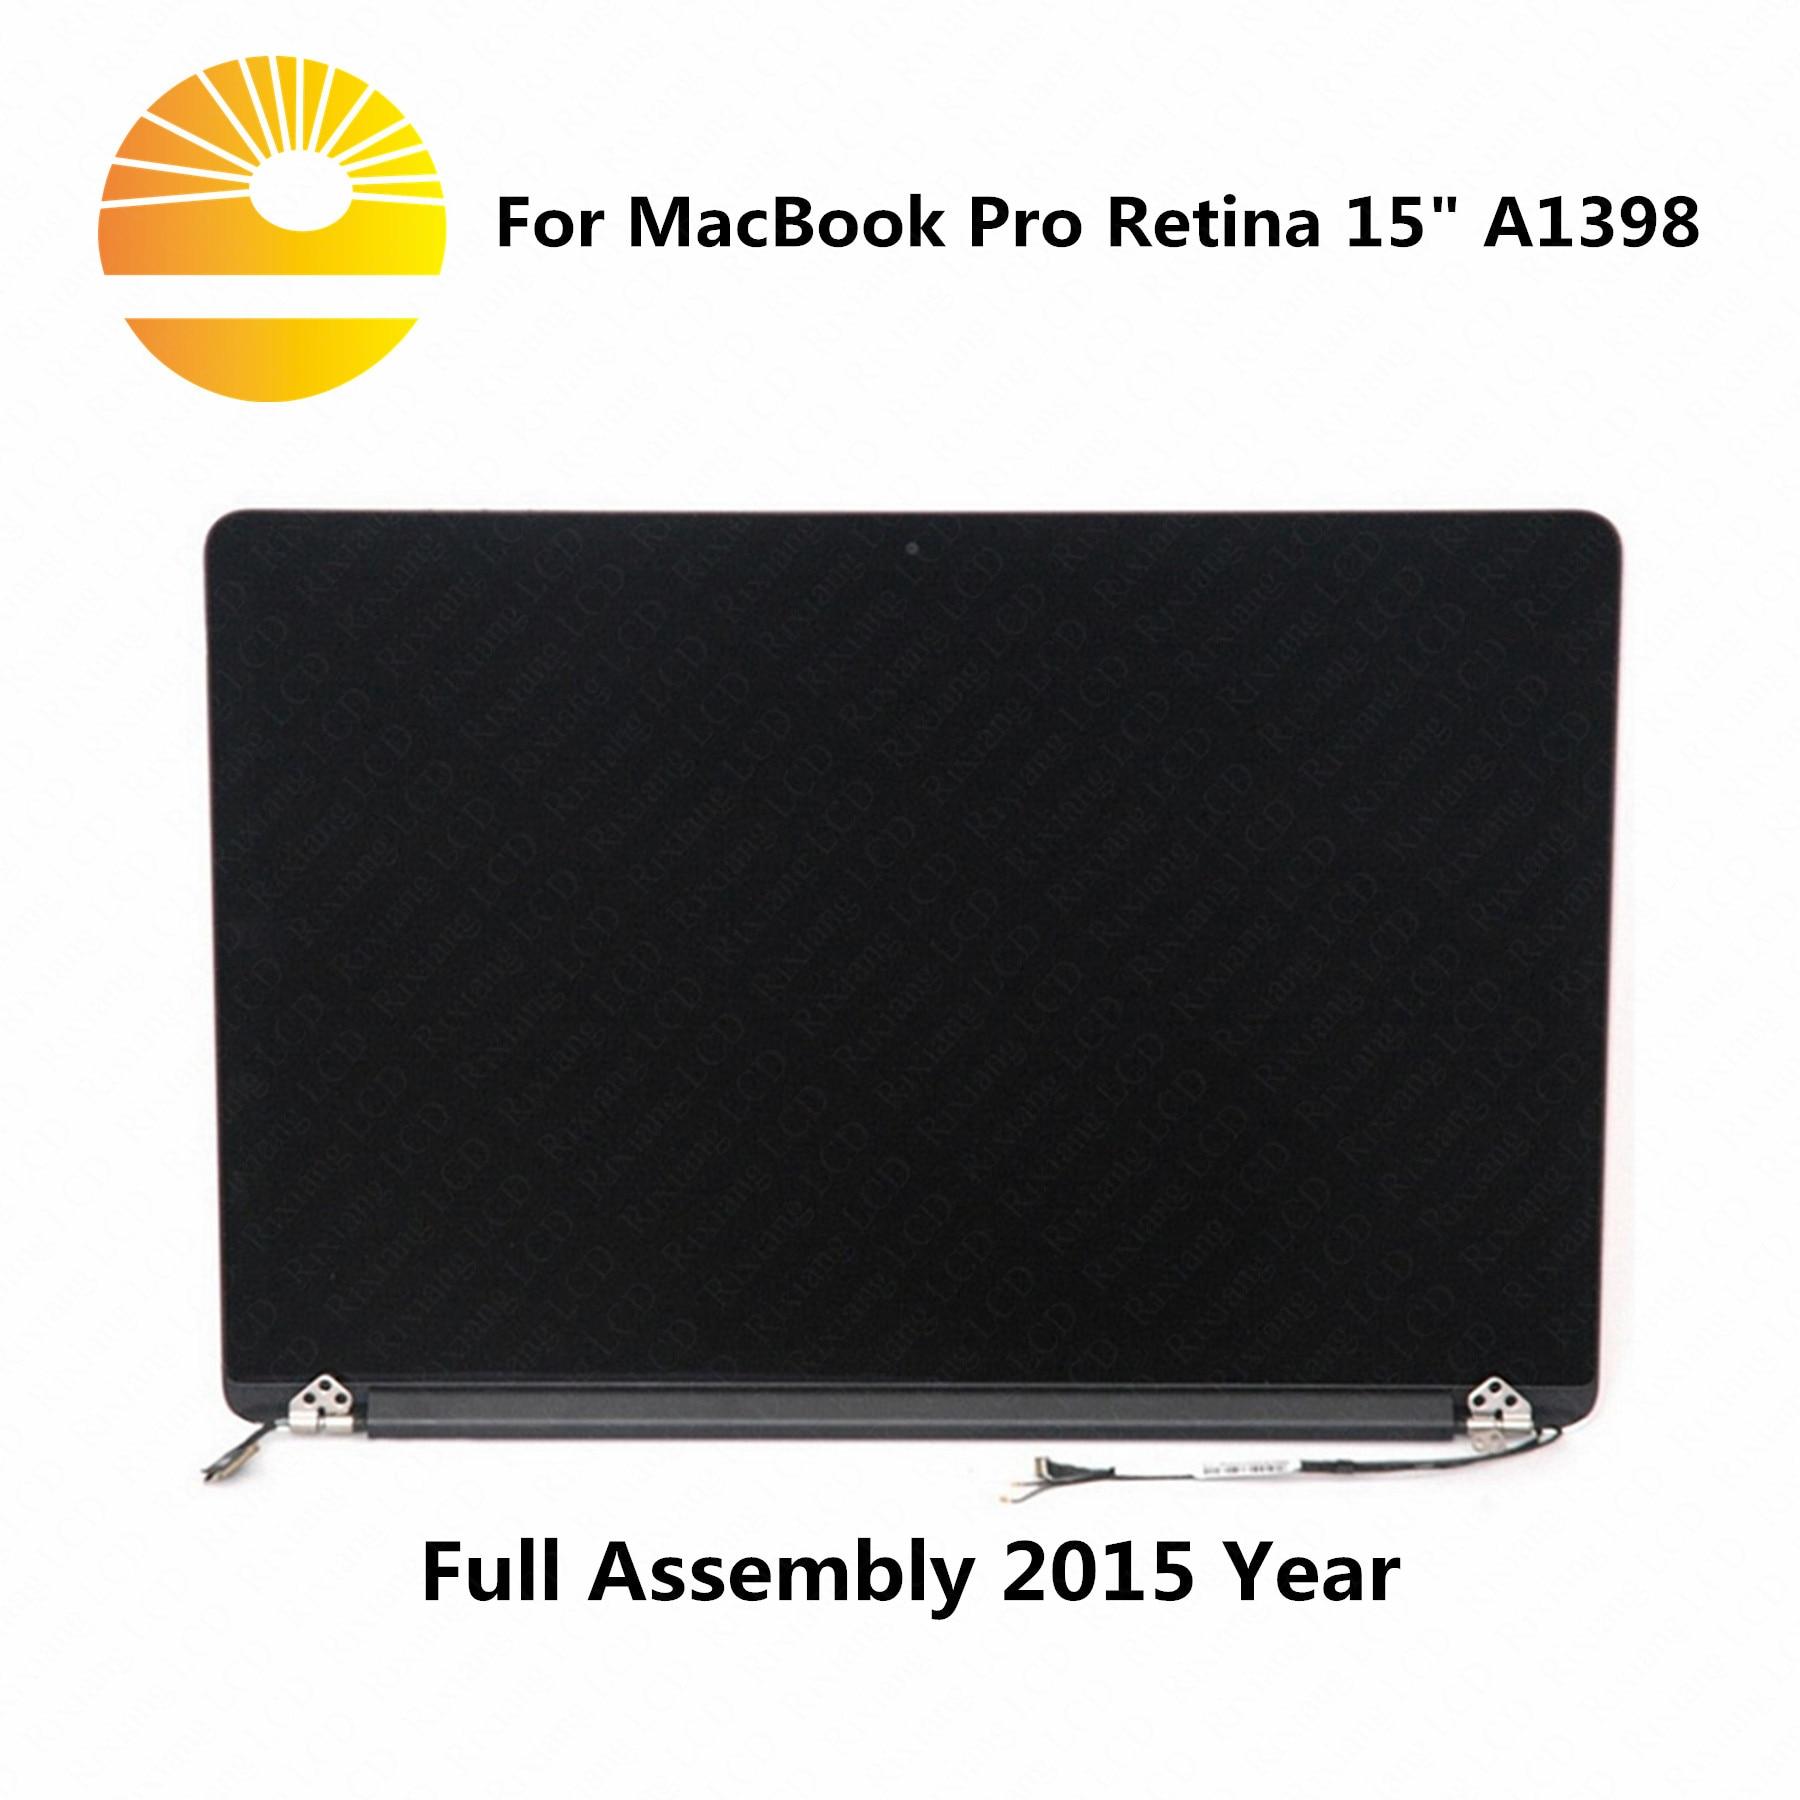 """Usado como reemplazo de la pantalla lcd de Año Nuevo 2015 para MacBook Pro Retina 15 """"A1398 montaje de pantalla lcd con agujero pequeño"""